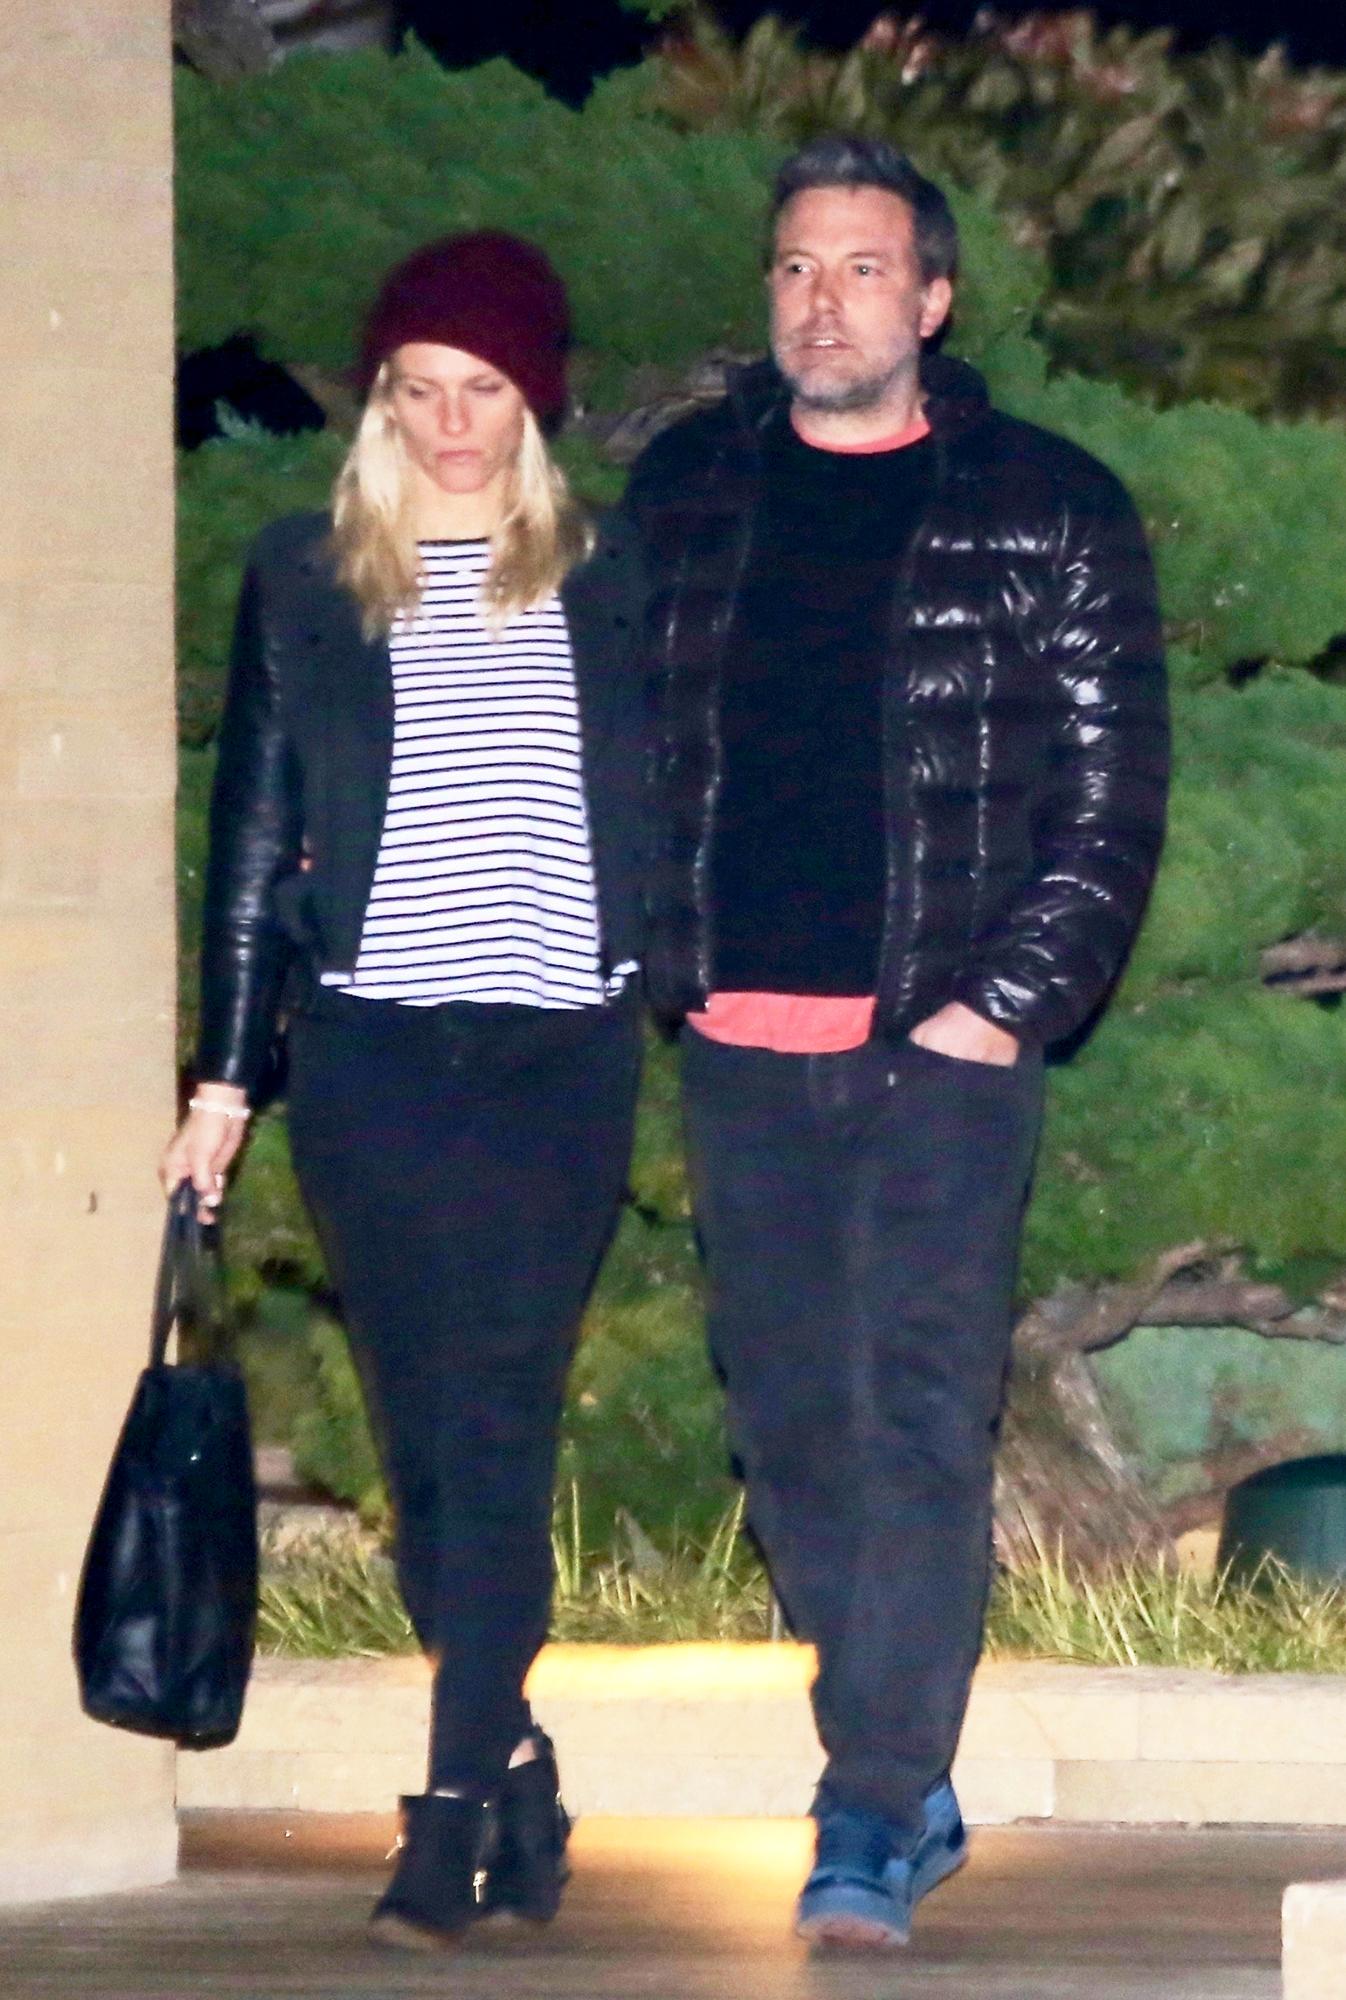 Jennifer Garner and Ben Affleck Celebrate Christmas Together With Family: Details